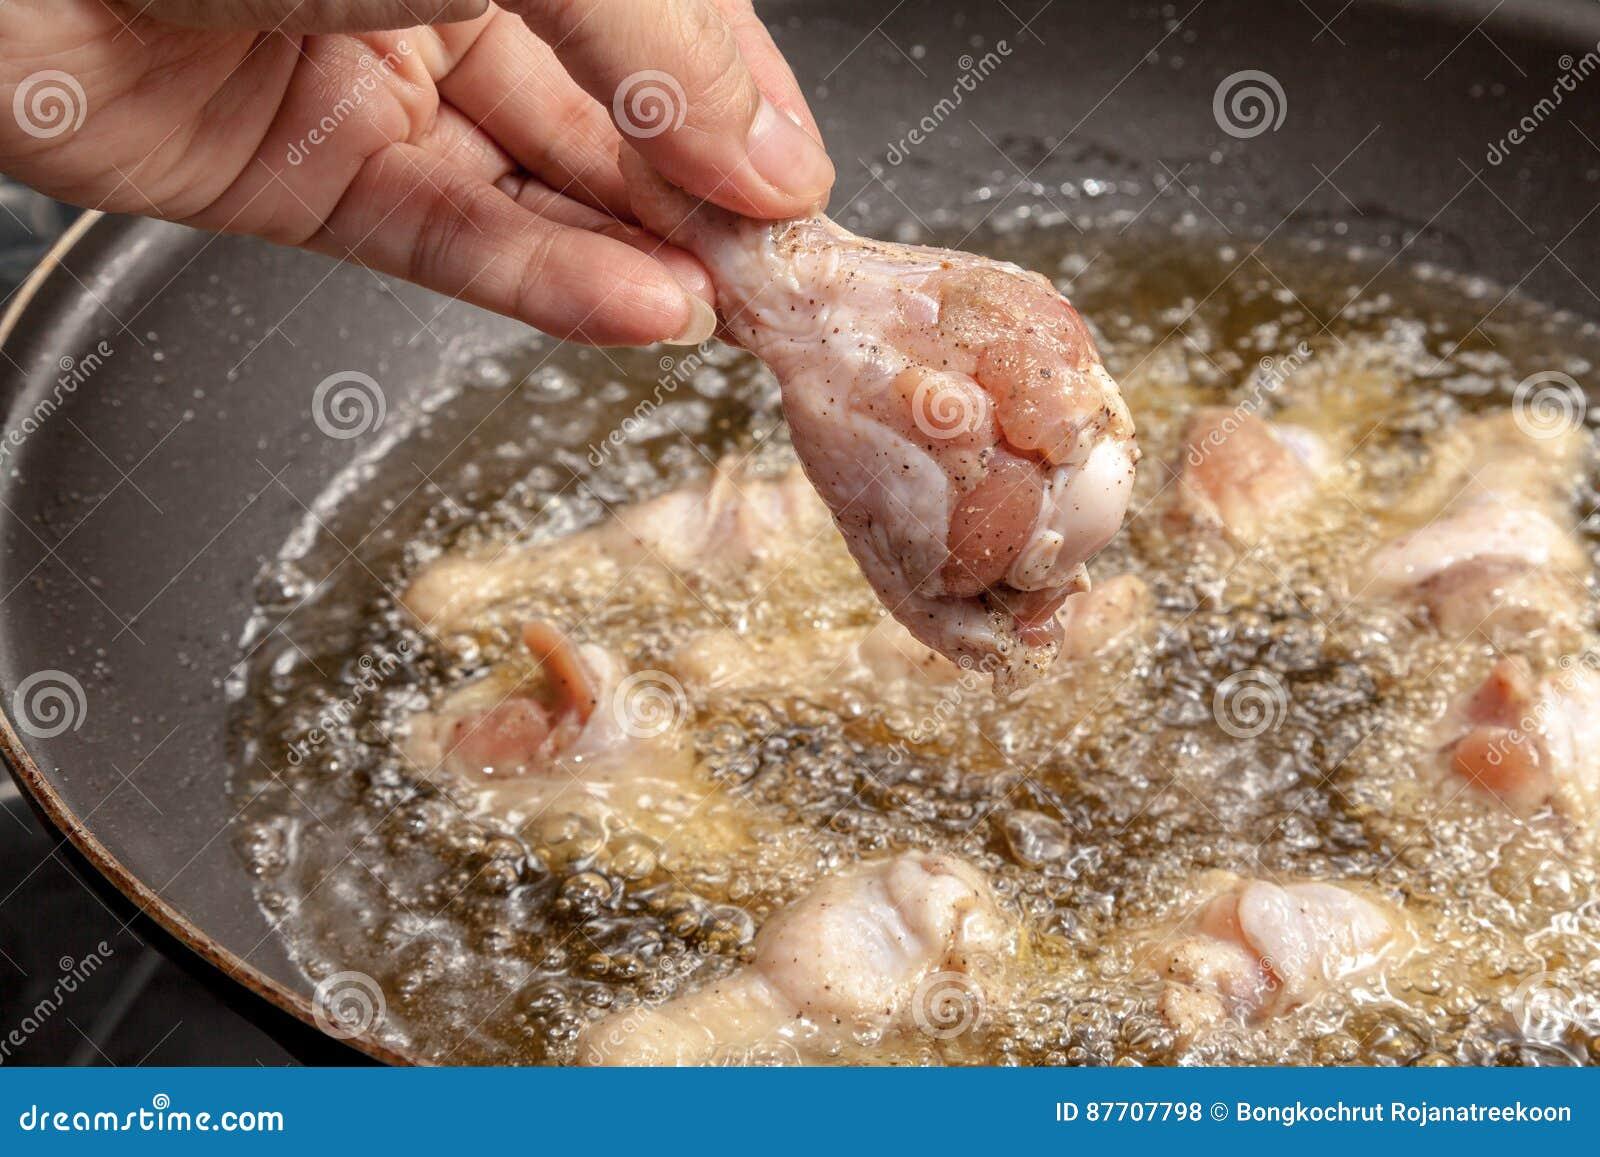 Le chef fait cuire des ailes de poulet frit dans la casserole